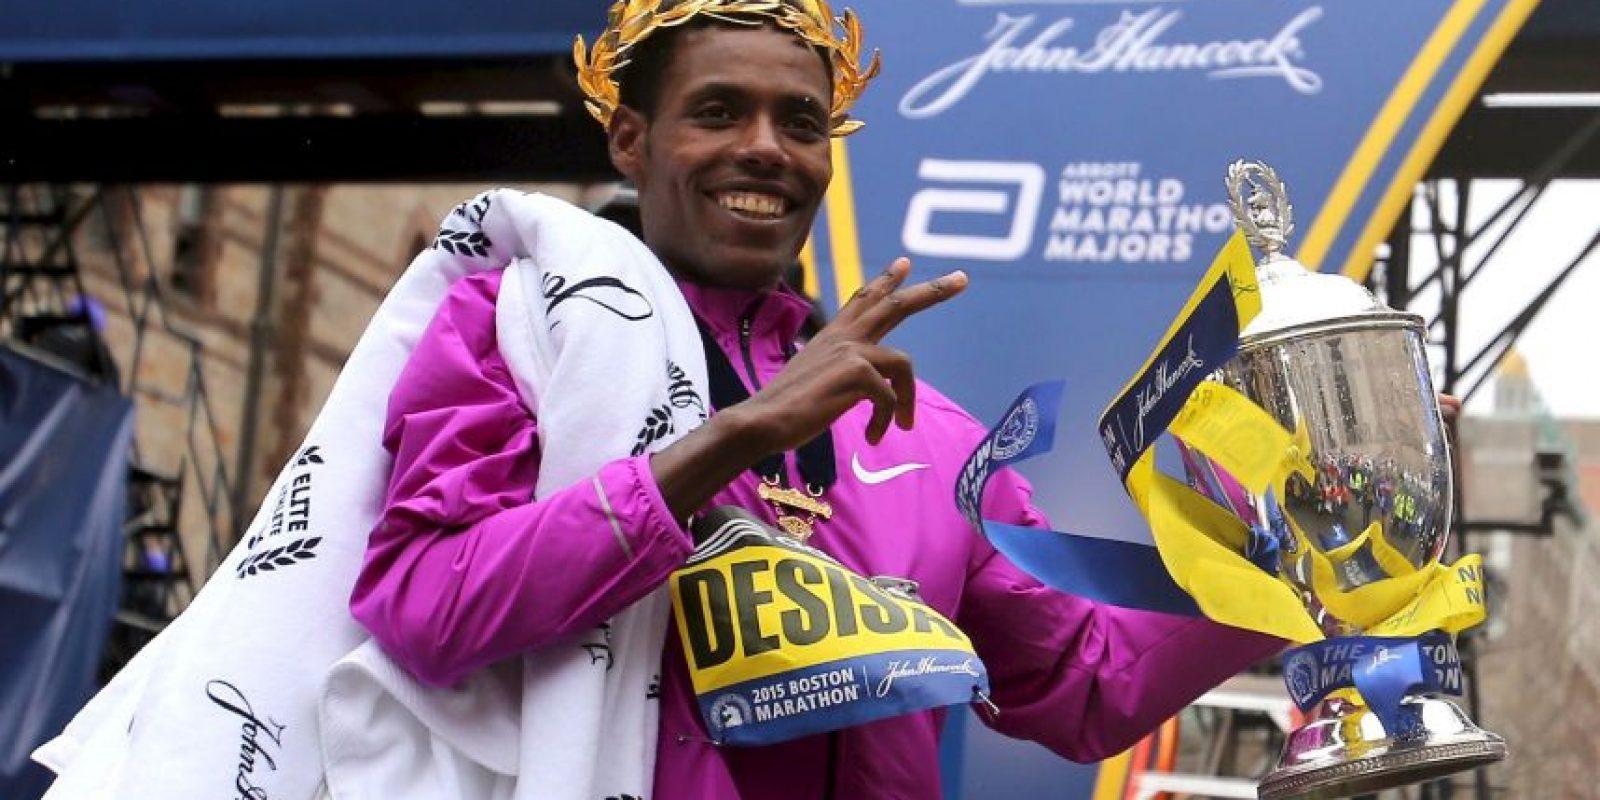 Lesisa Desisa es el nombre del ganador en la categoría masculina en 2015 Foto:Getty Images